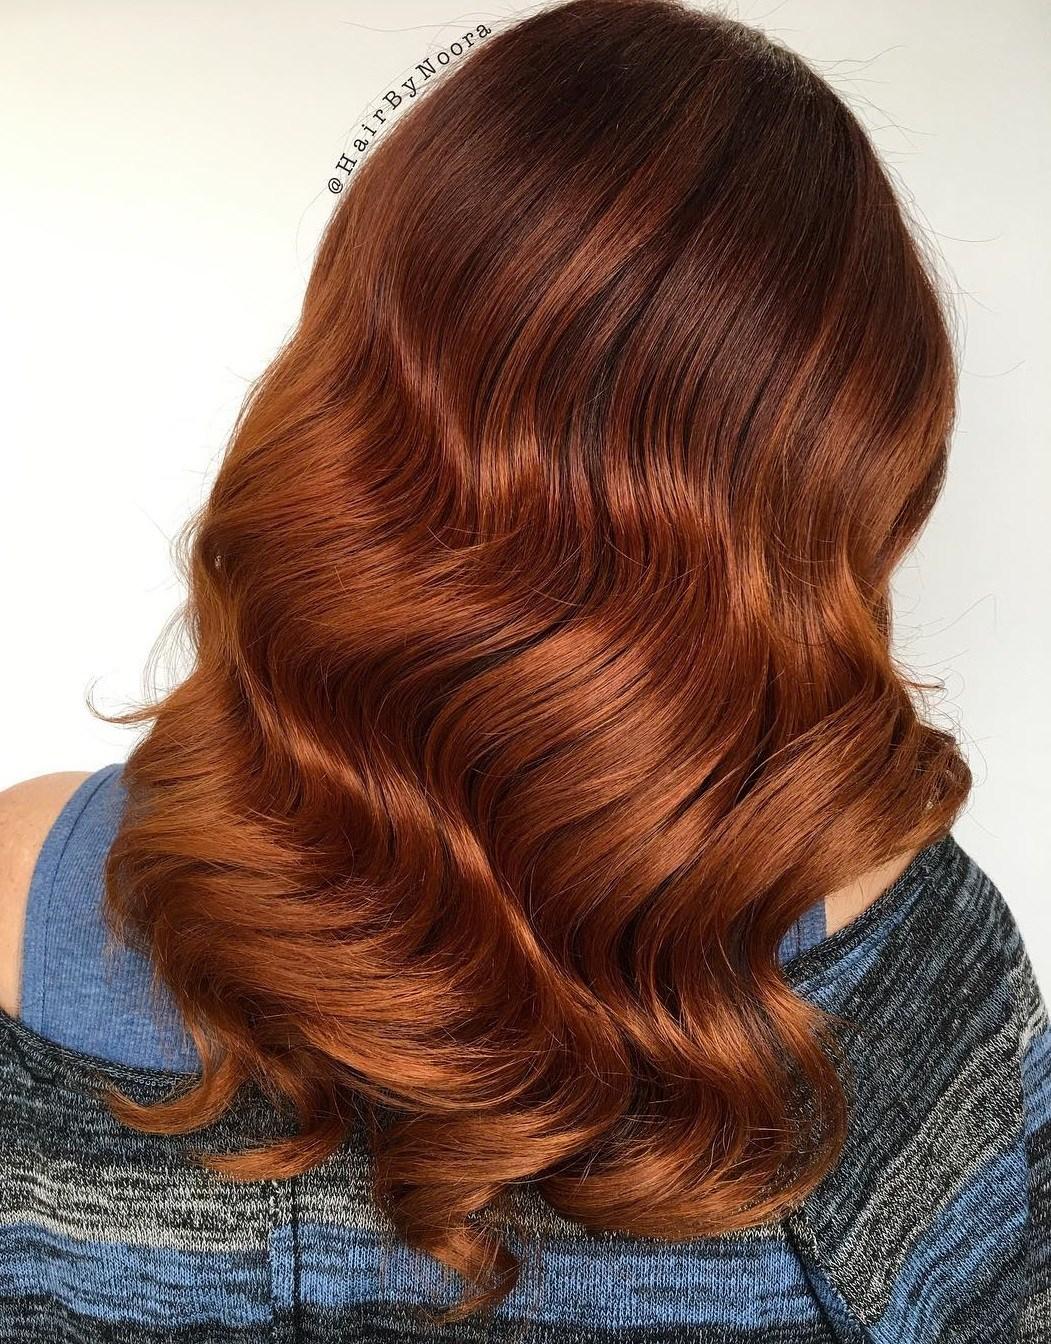 60 couleurs de cheveux auburn pour souligner votre individualite 5e4281815e66d - 60 couleurs de cheveux Auburn pour souligner votre individualité